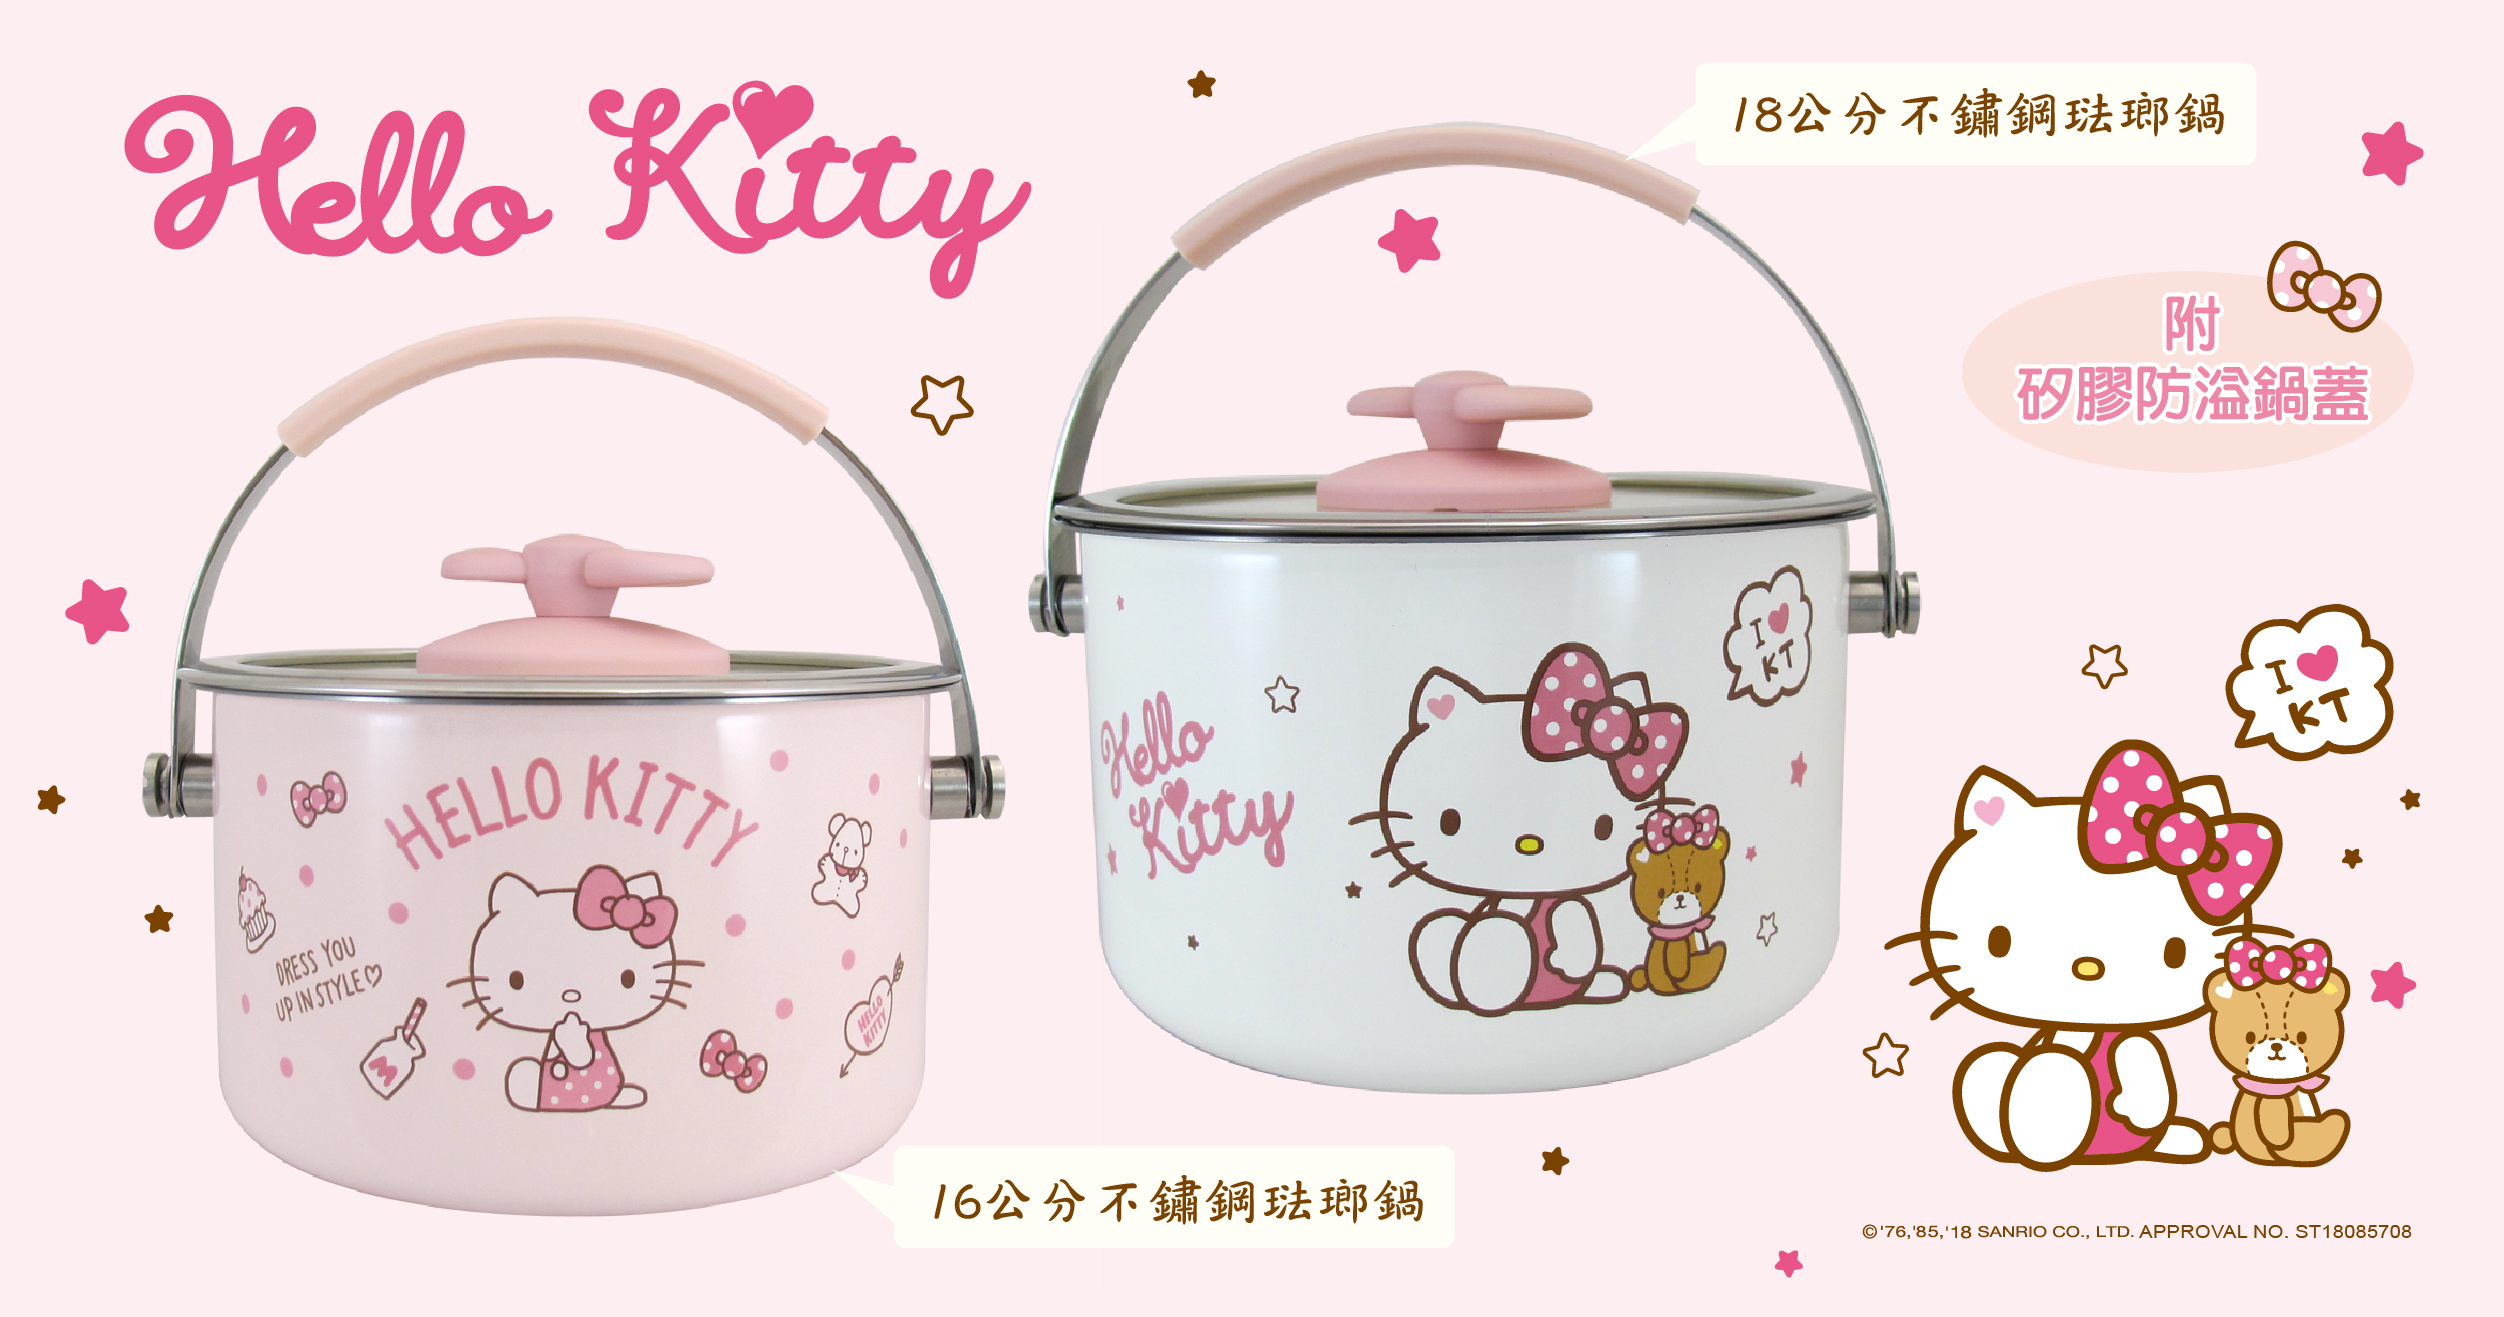 限量款[Hello Kitty x ARMADA] 18cm彩晶琺瑯提鍋